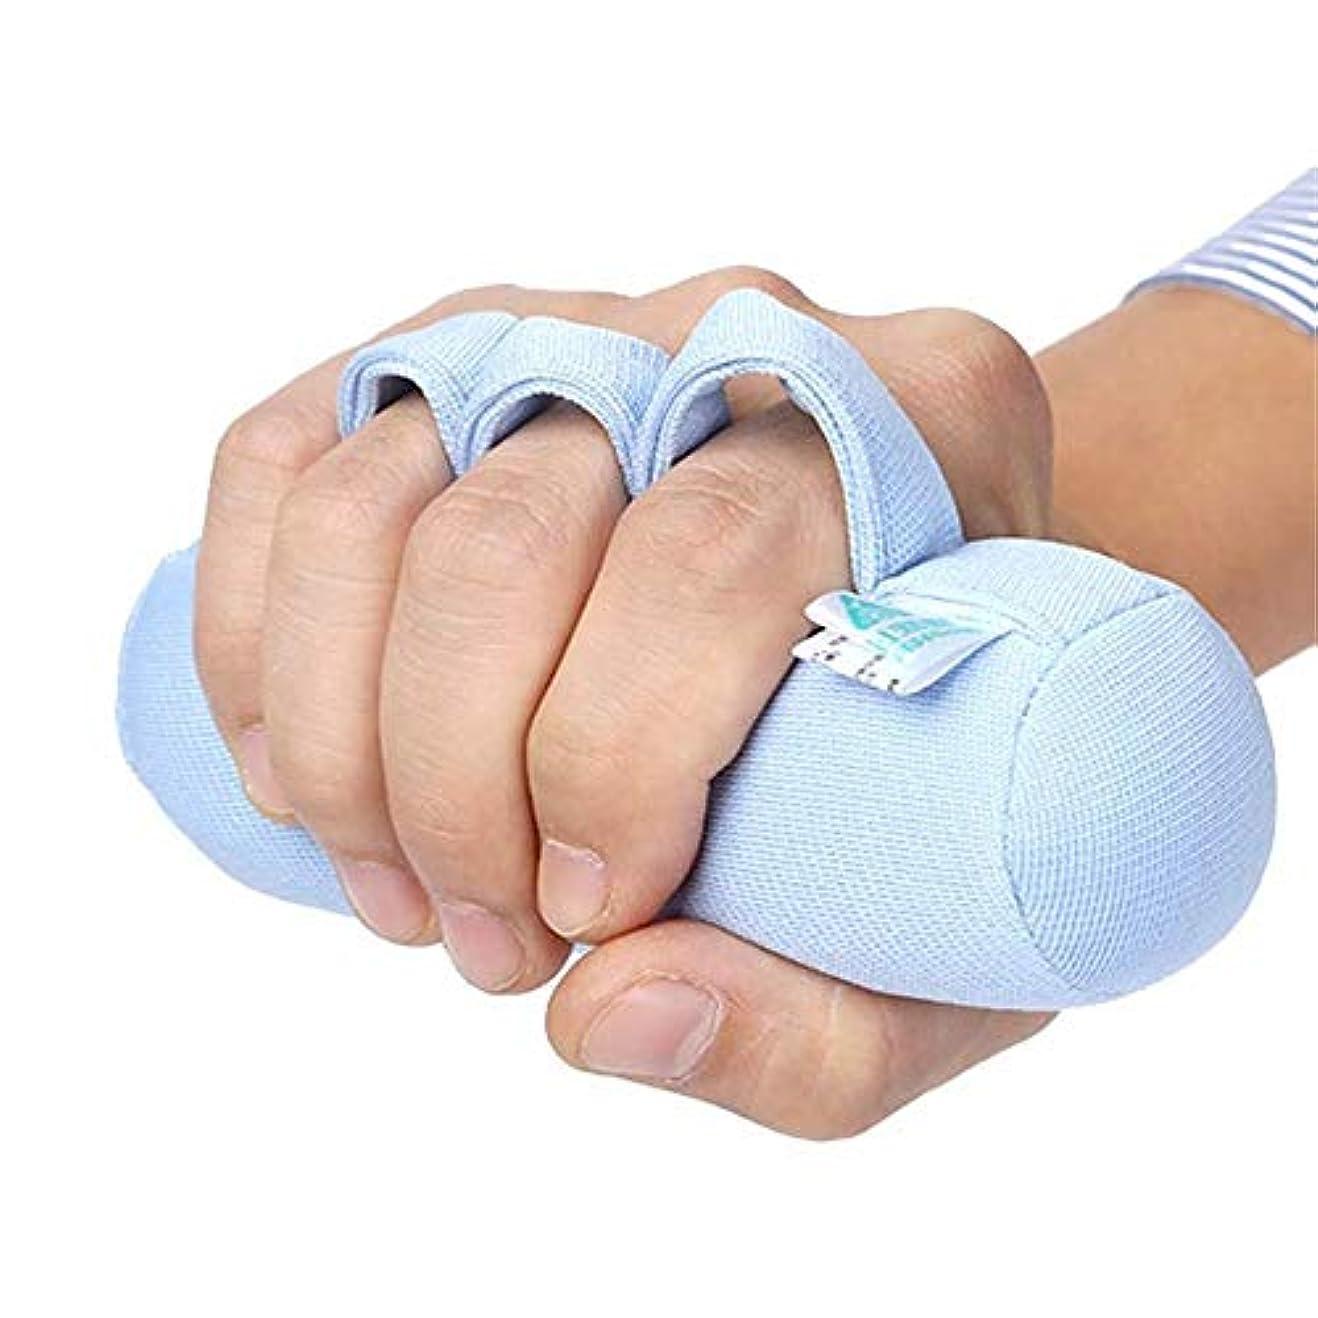 嵐が丘経度コンペ指の怪我のサポート、指のトレーニングリハビリテーション運動ツール右手左手中立手拳ボードを使用